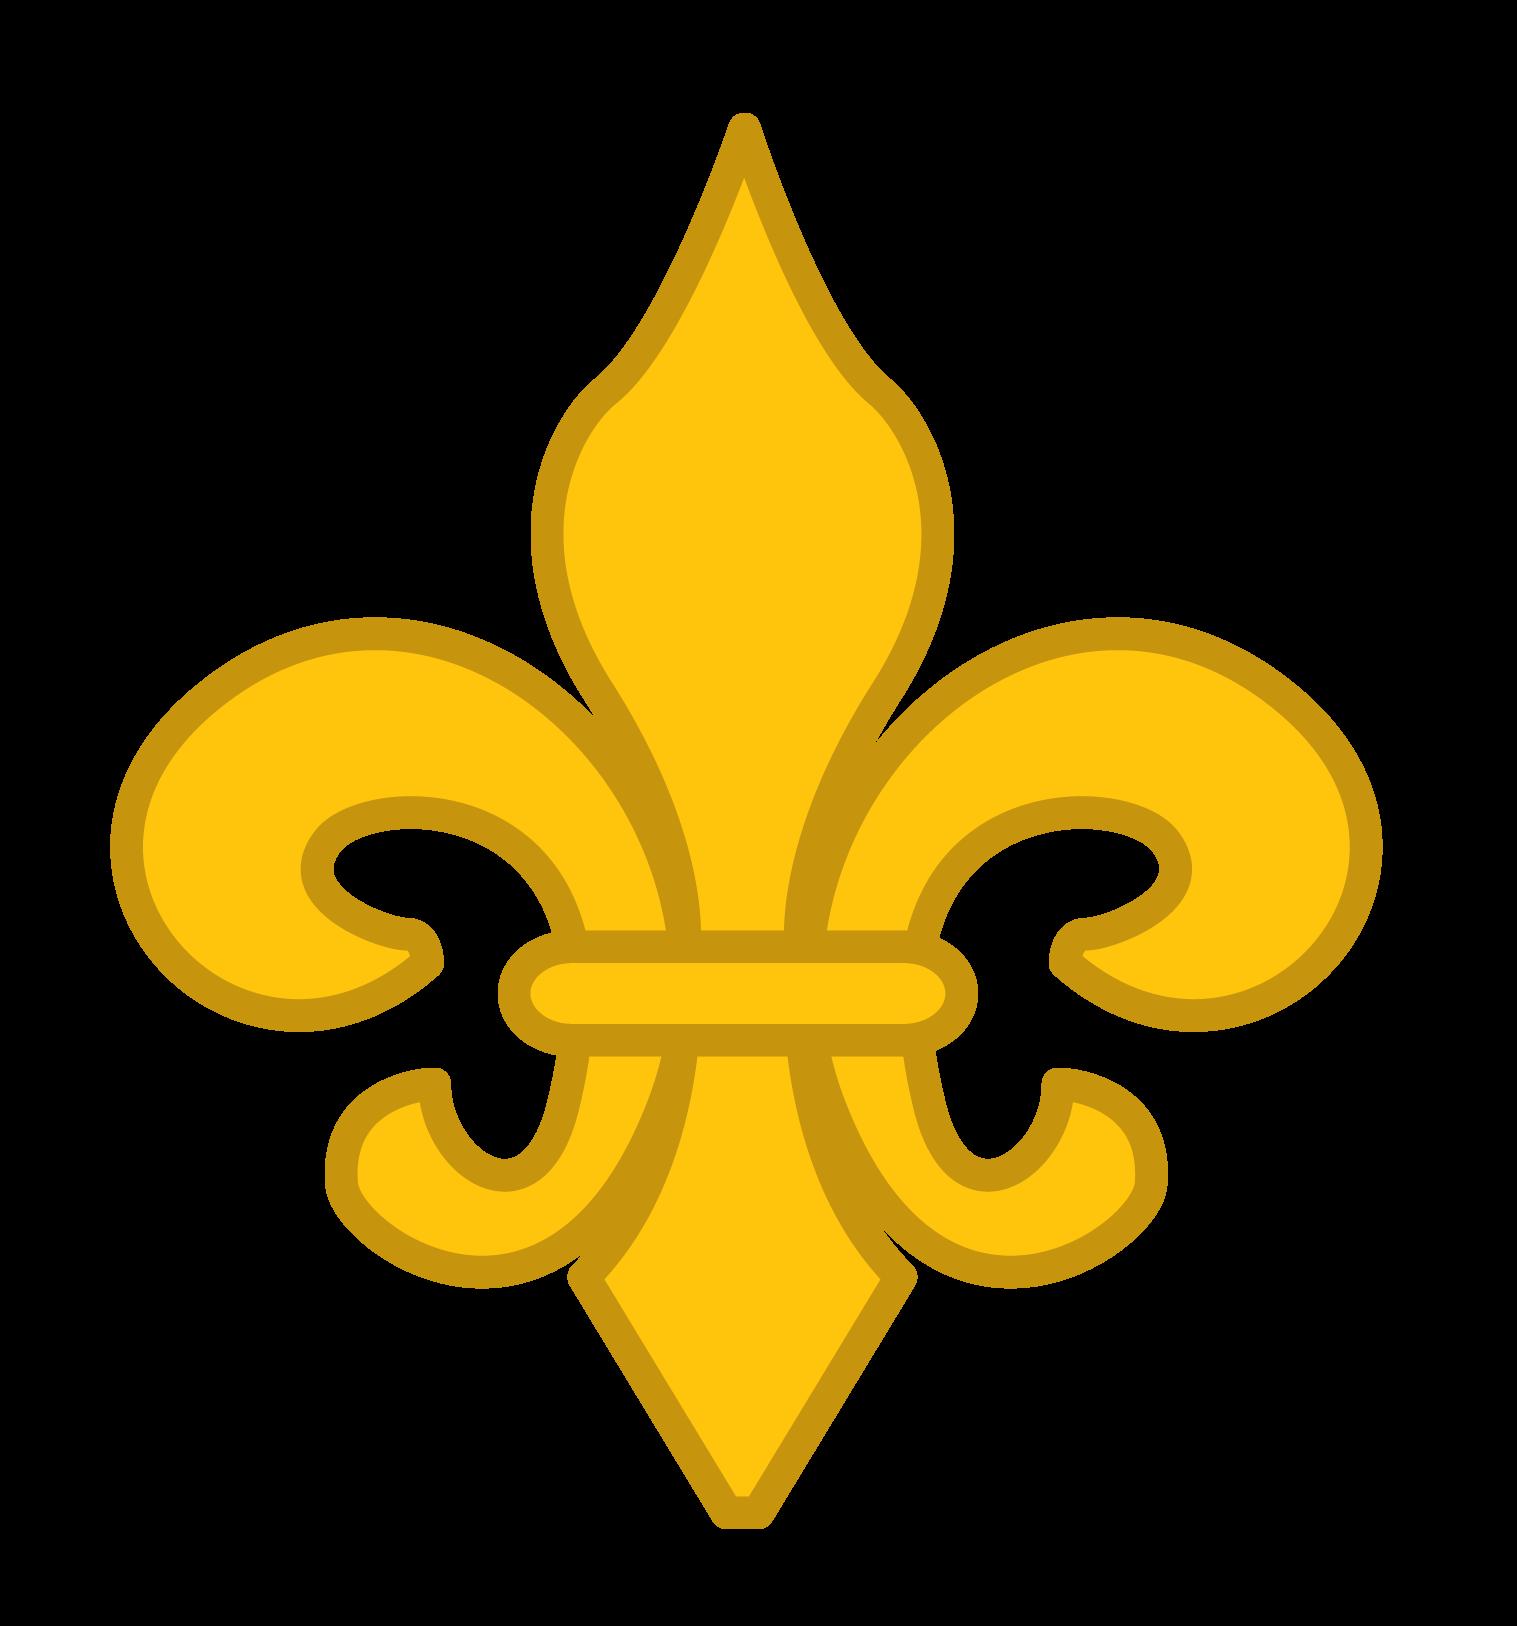 Simple Gold Fleur de Lis Clip Art.